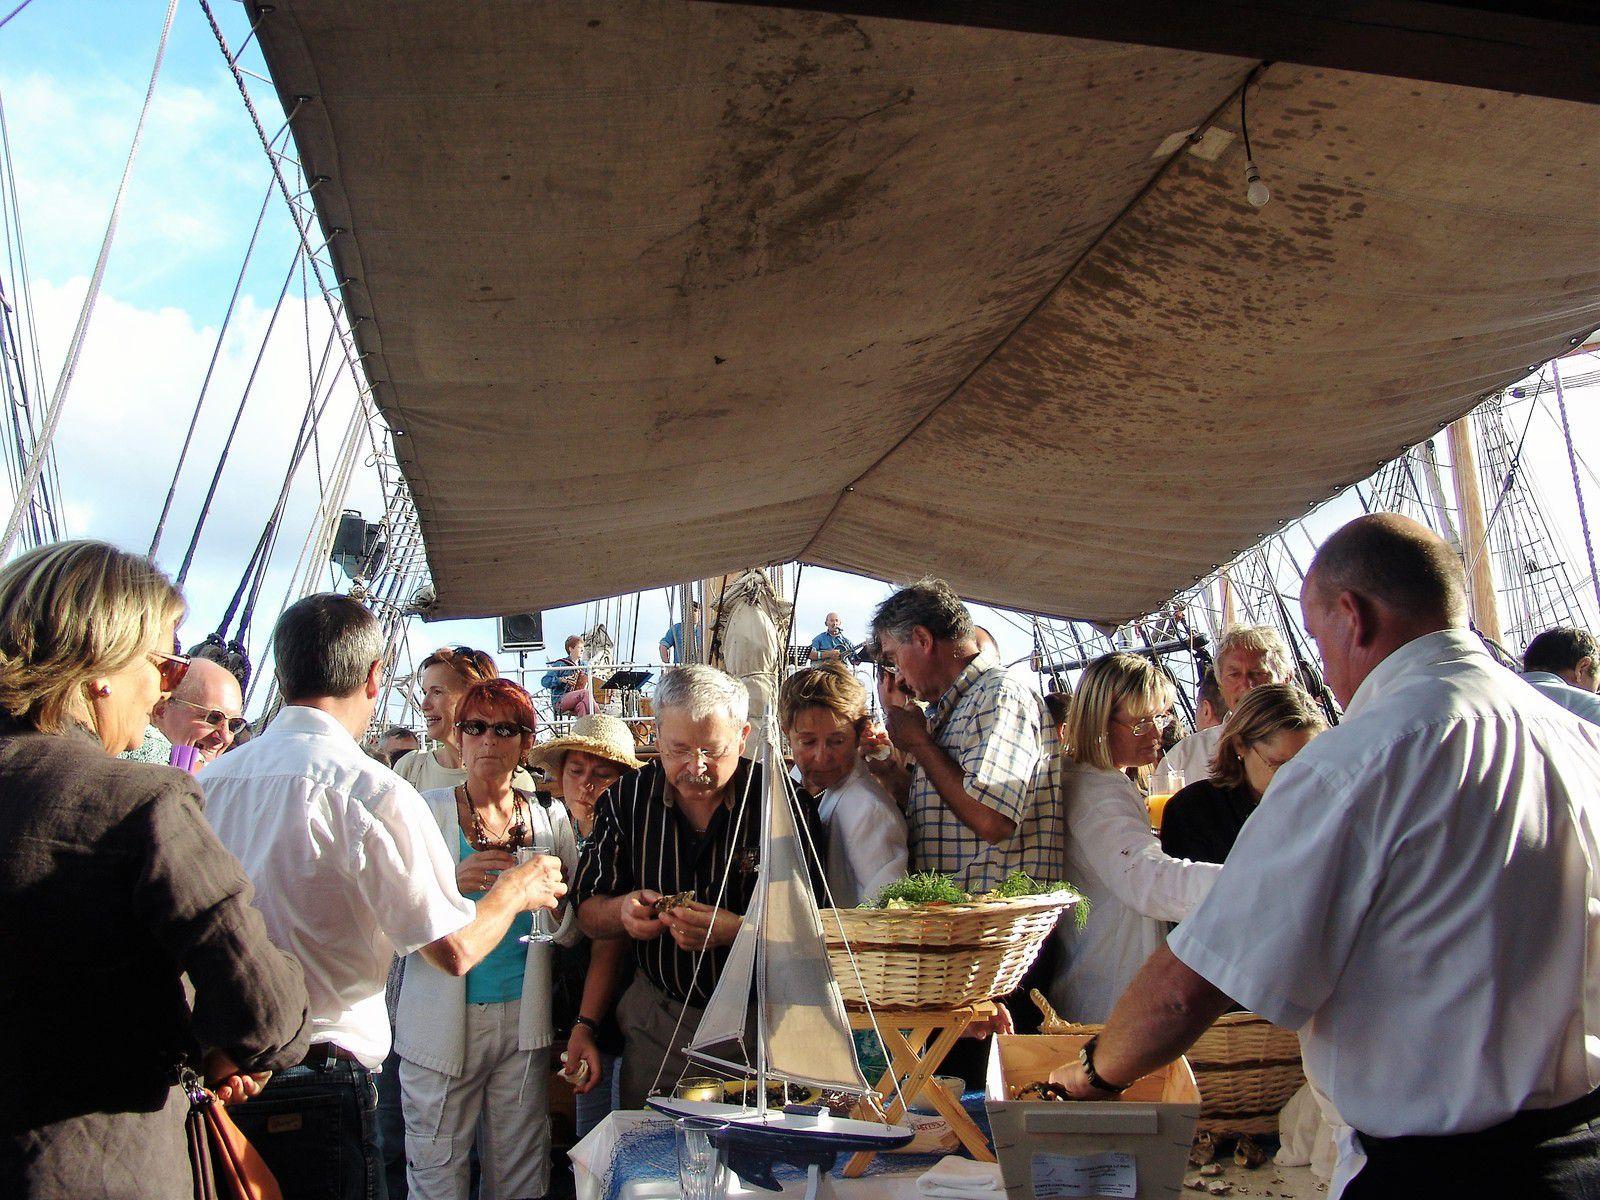 Fête maritime de Douarnenez - 2006